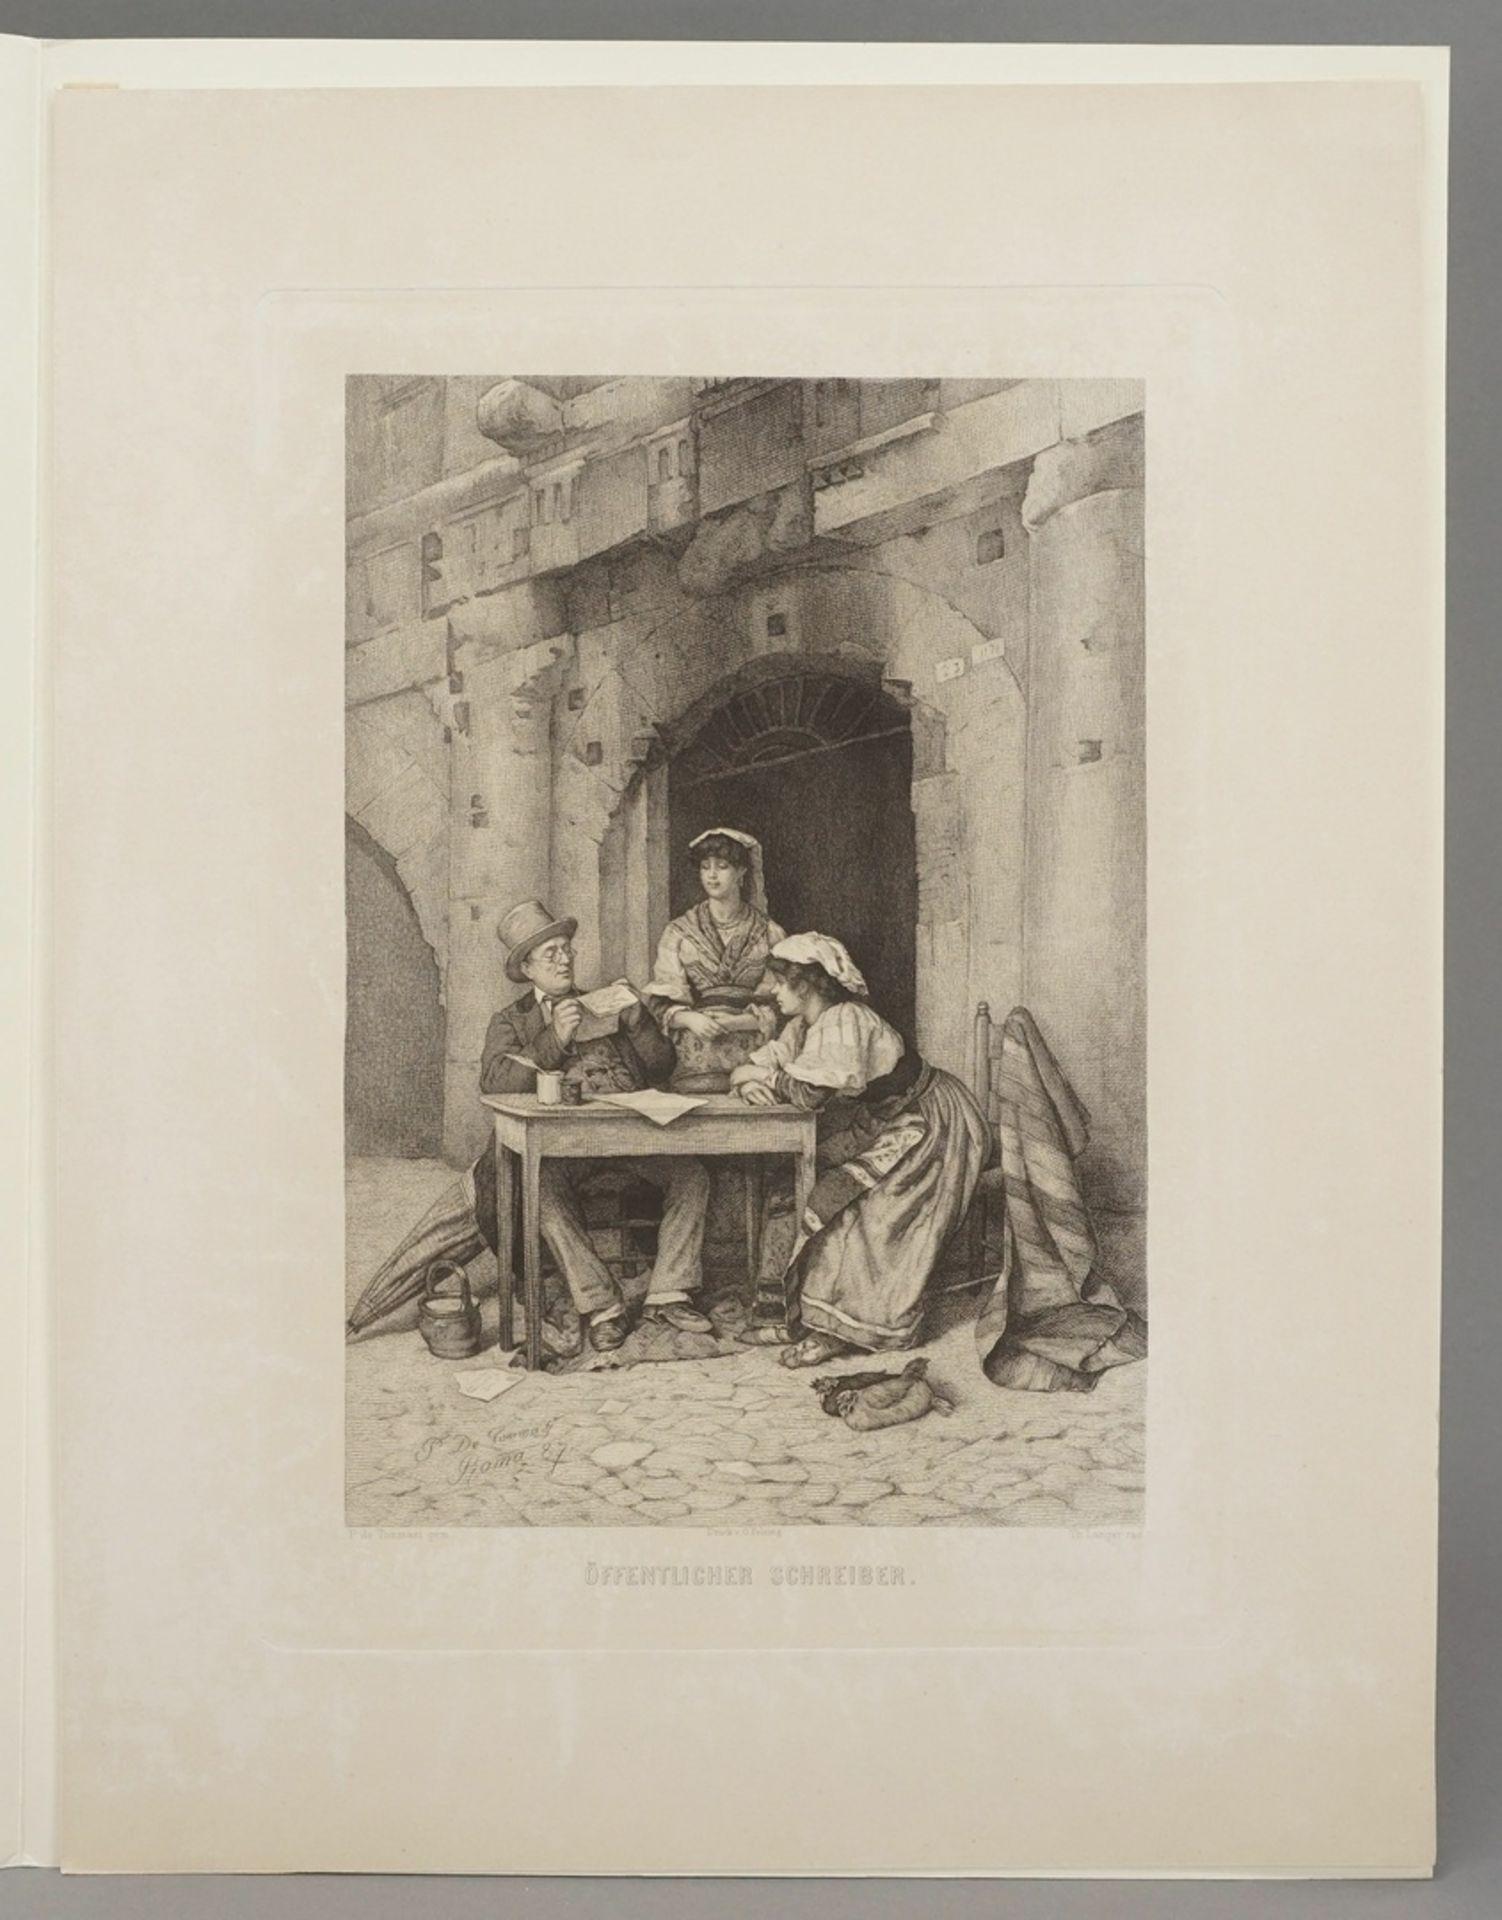 """Publio de Tommasi, """"Öffentlicher Schreiber"""" - Bild 3 aus 3"""